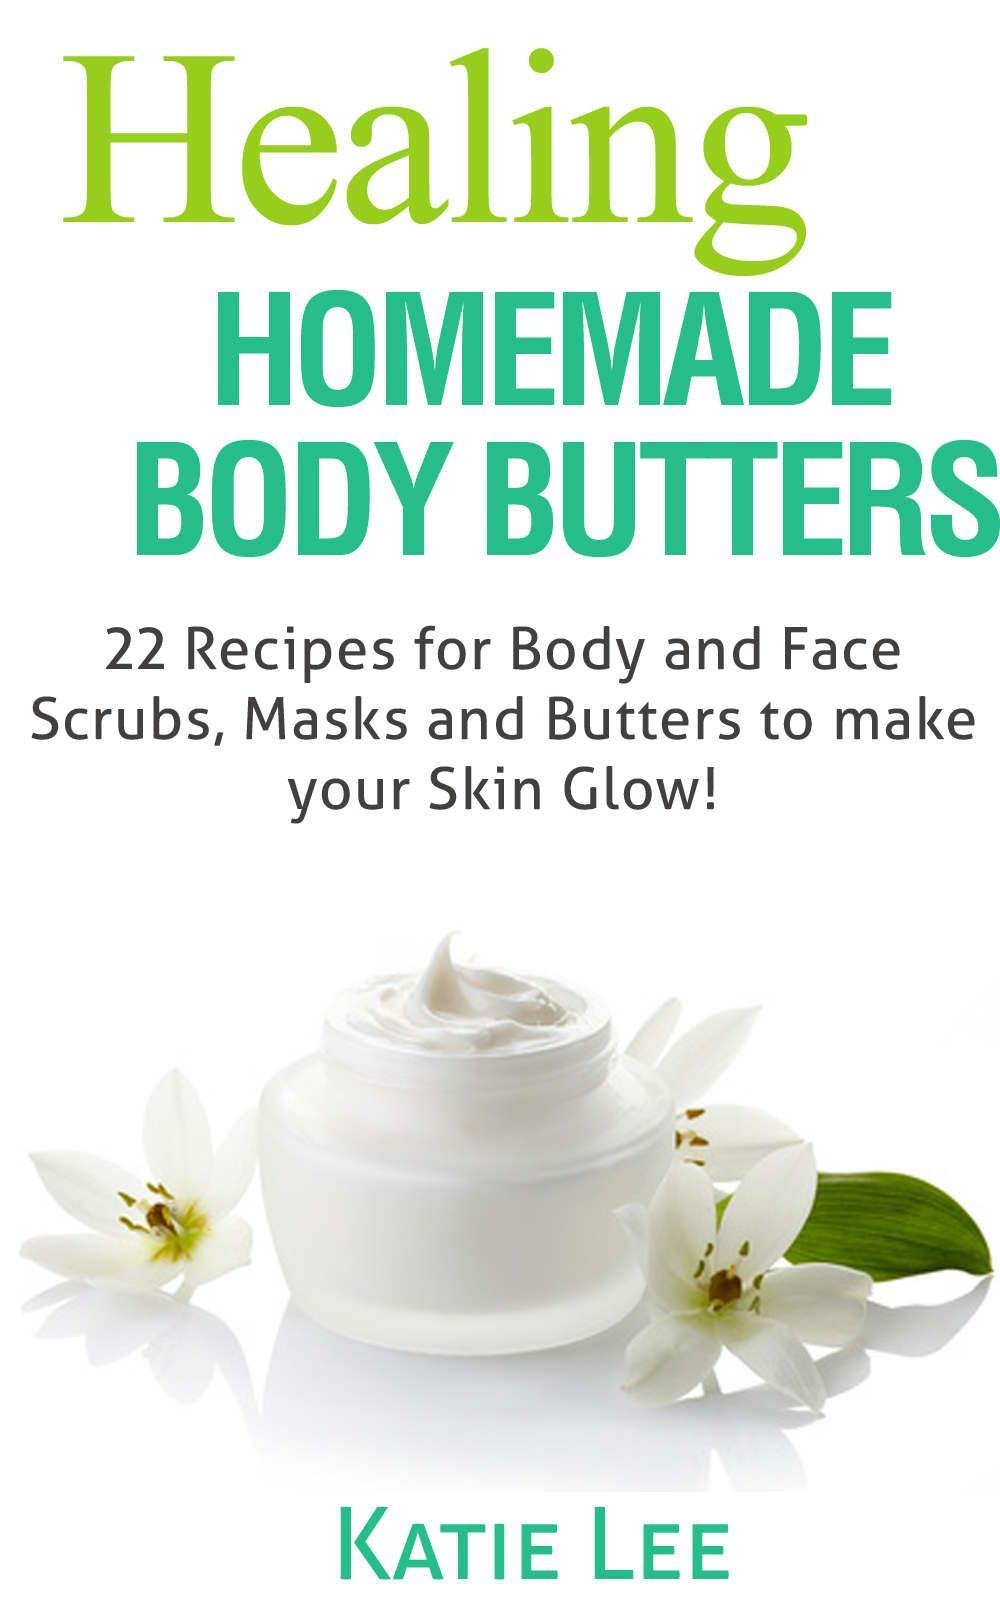 Healing homemade body butter 22 body and face scrubs